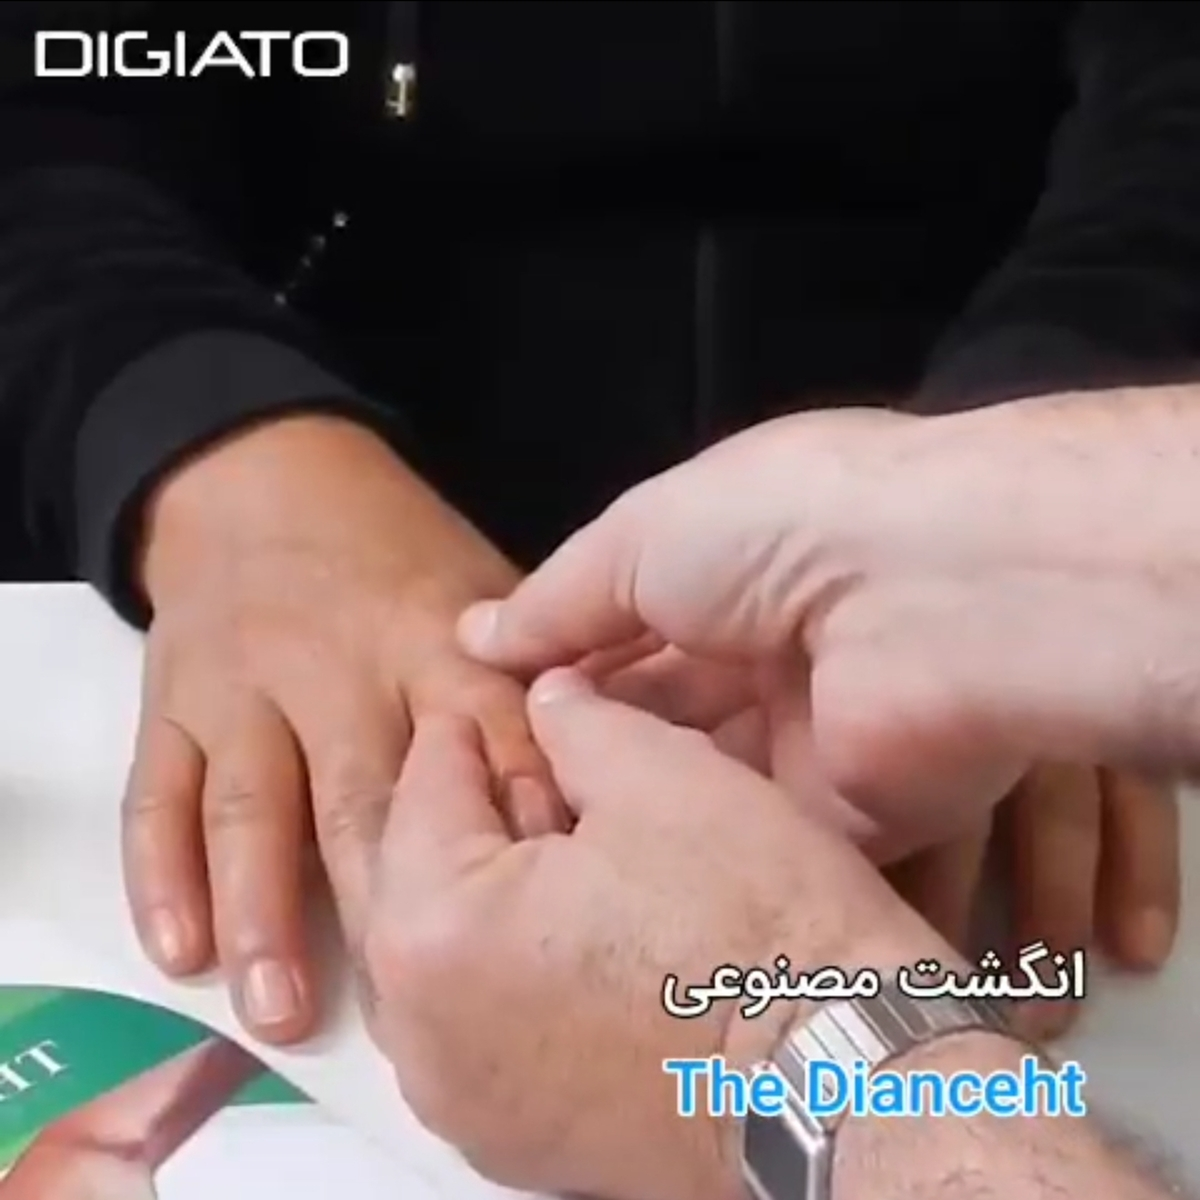 انگشت مصنوعی ای که کارایی یک انگشت واقعی را دارد! + ویدئو